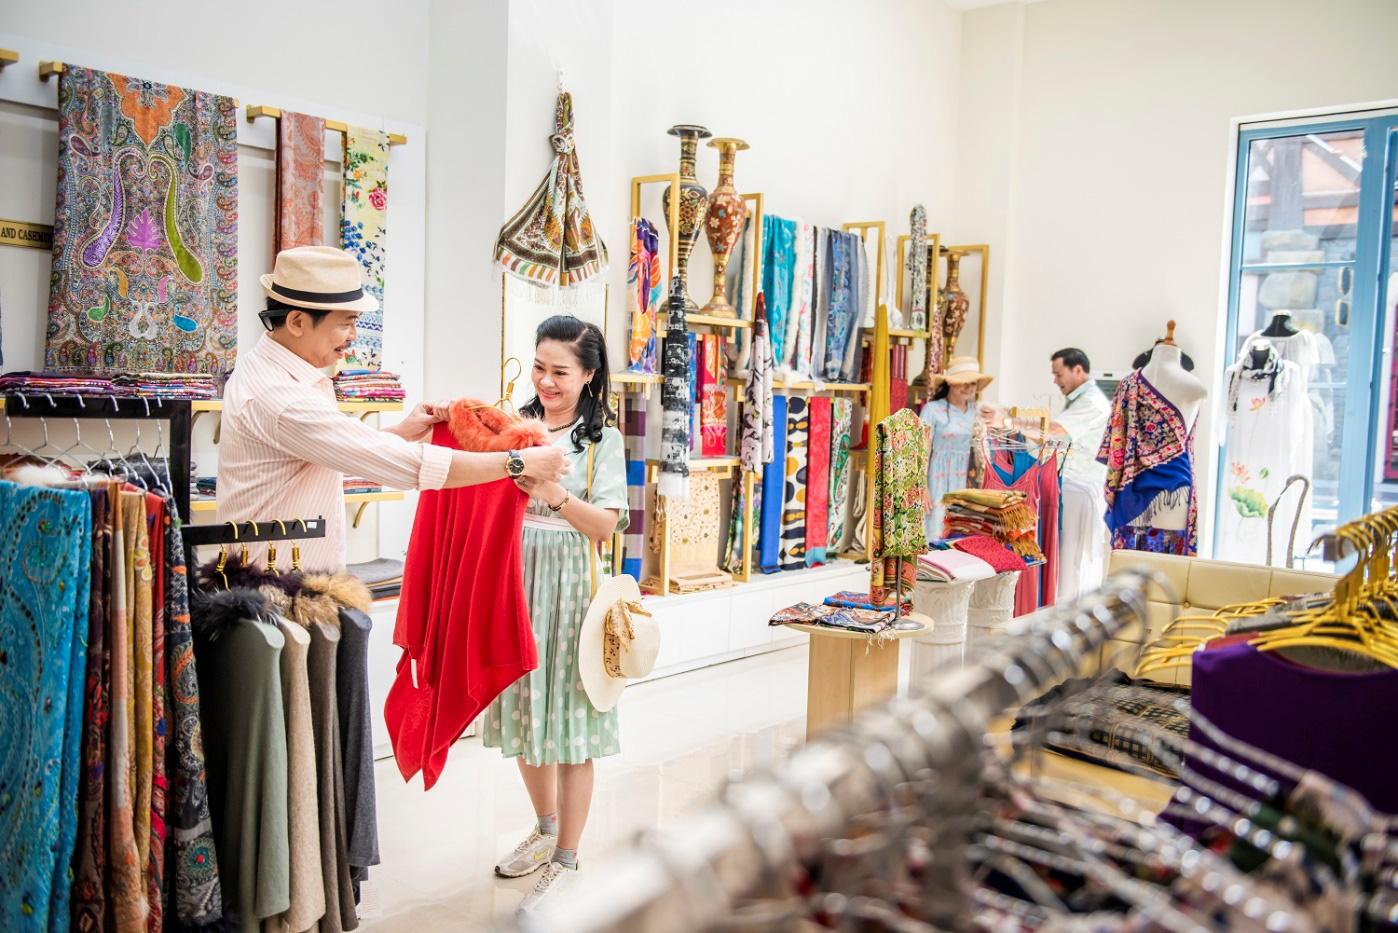 Trải nghiệm thiên đường mua sắm - vui chơi tại Phú Quốc - Ảnh 2.